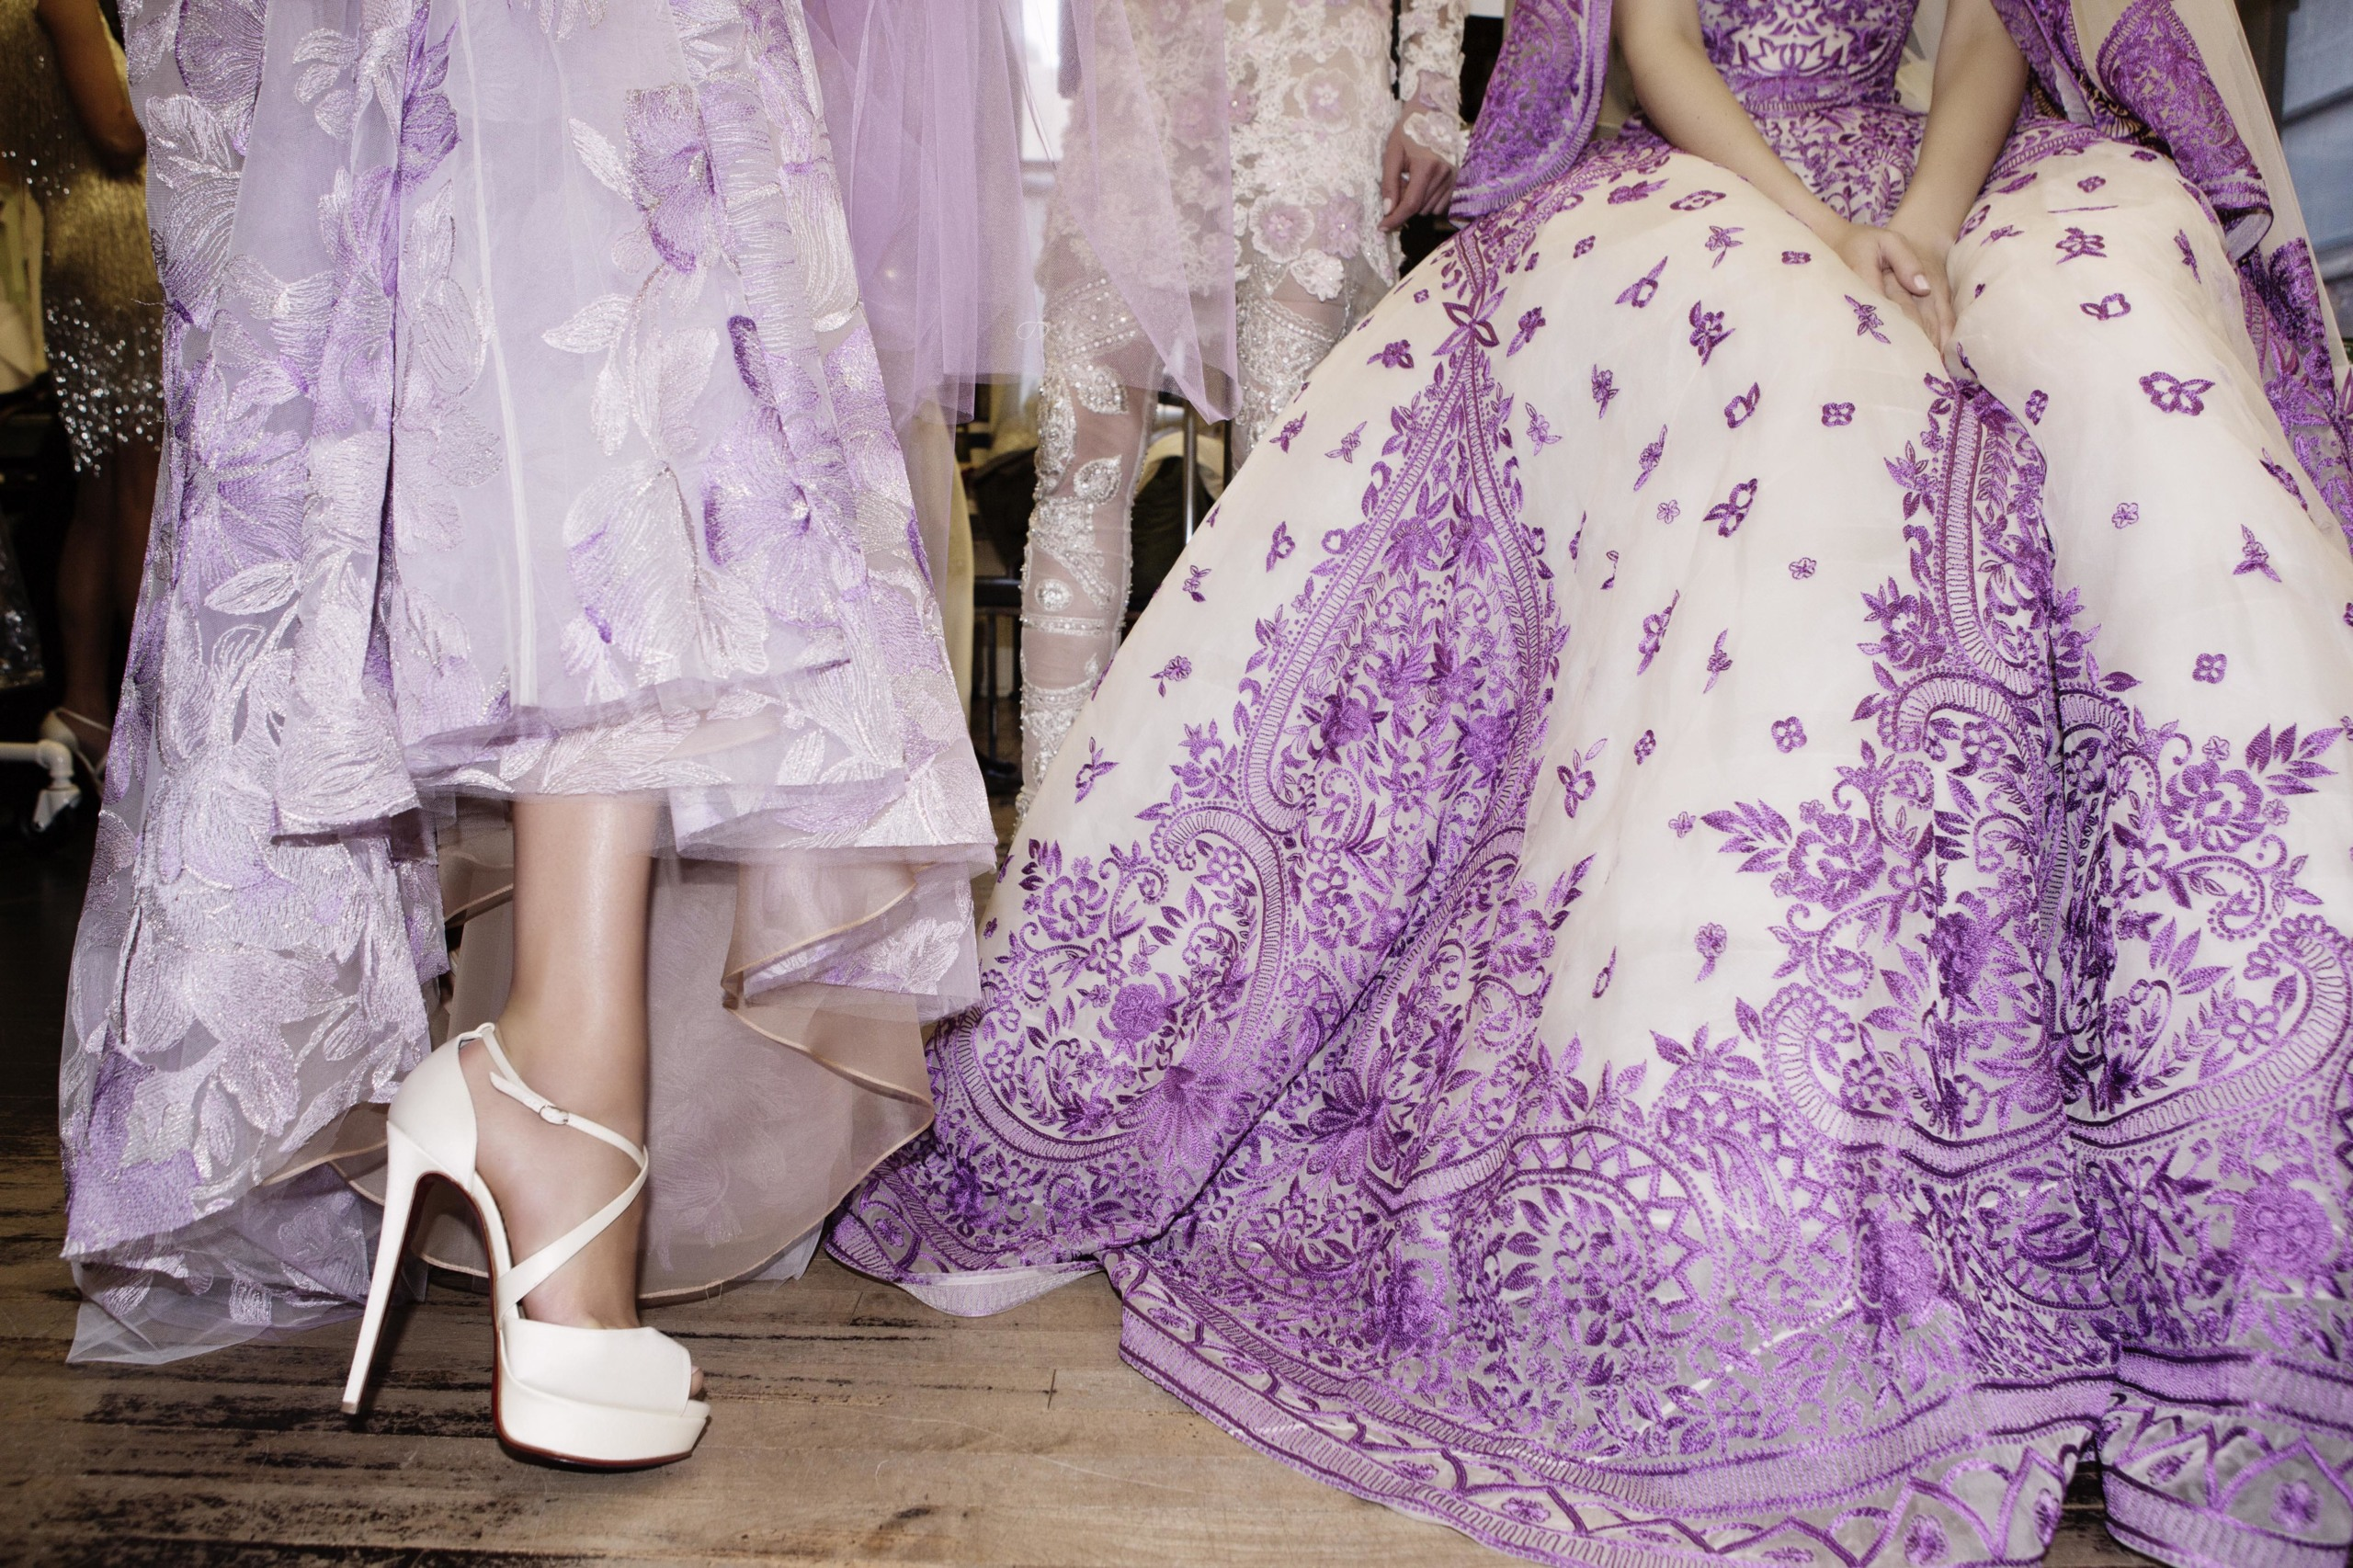 Foto de Christian Louboutin en Bridal Fashion Week 2017 (7/11)